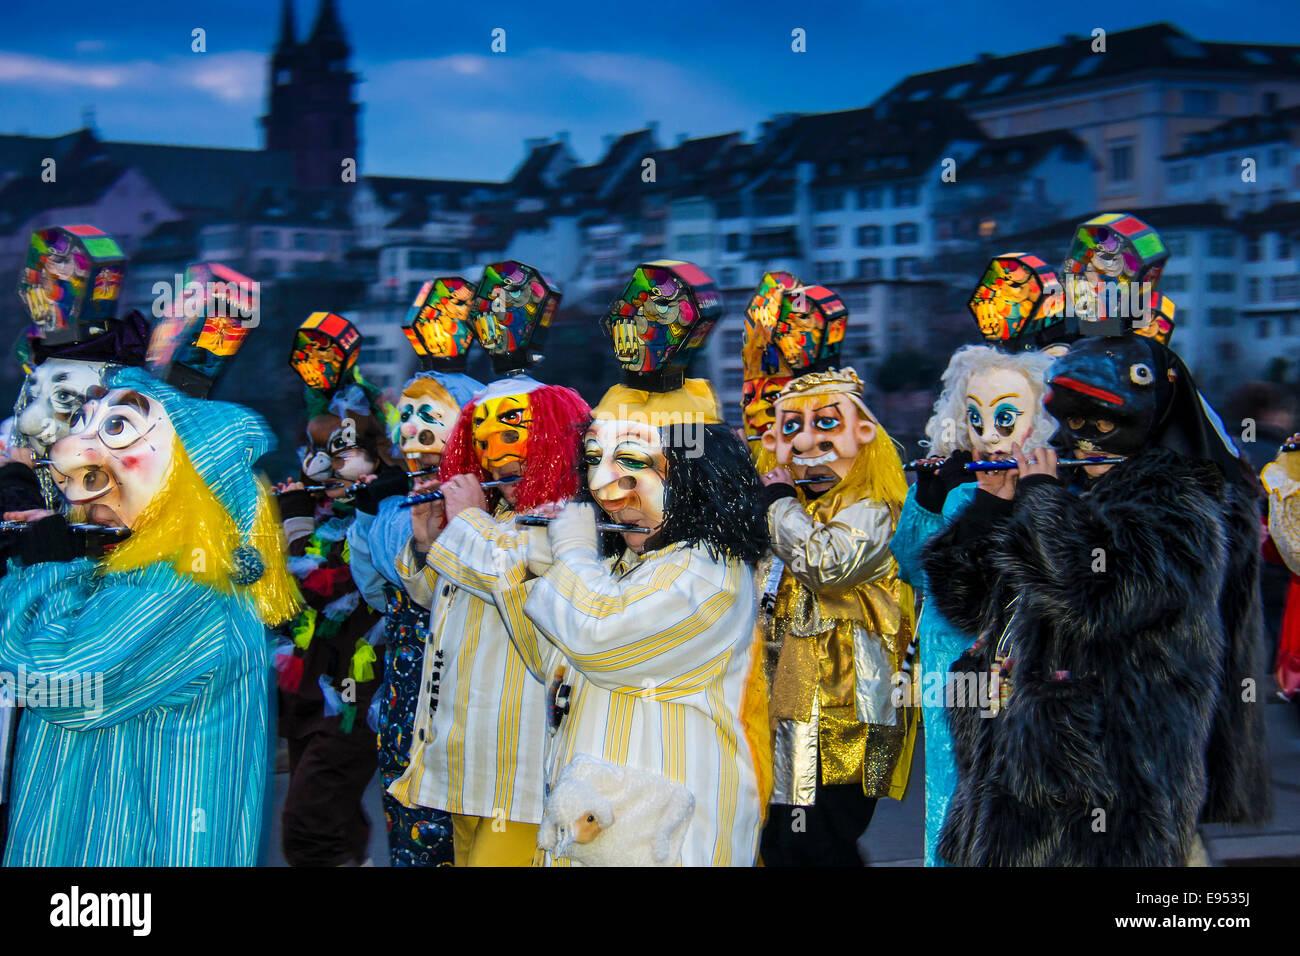 Morgenstraich sfilata di Carnevale di Basilea, in Svizzera Immagini Stock